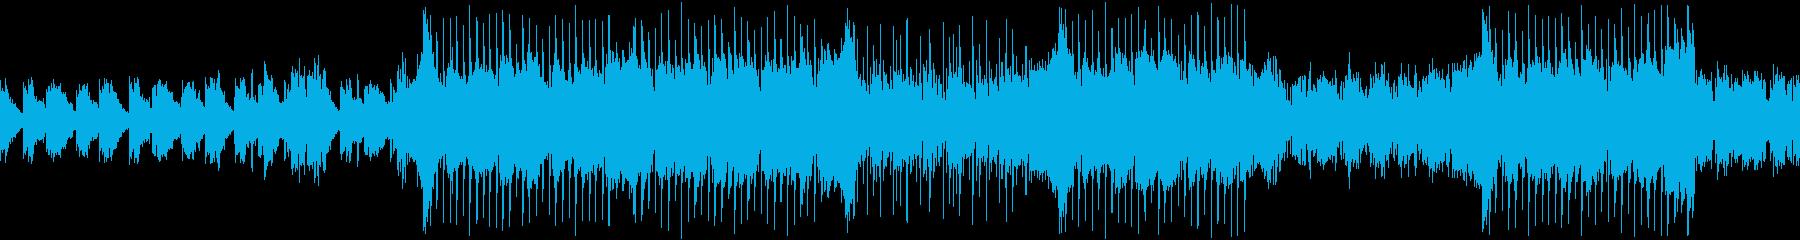 代替案 ポップ 実験的な ポジティ...の再生済みの波形